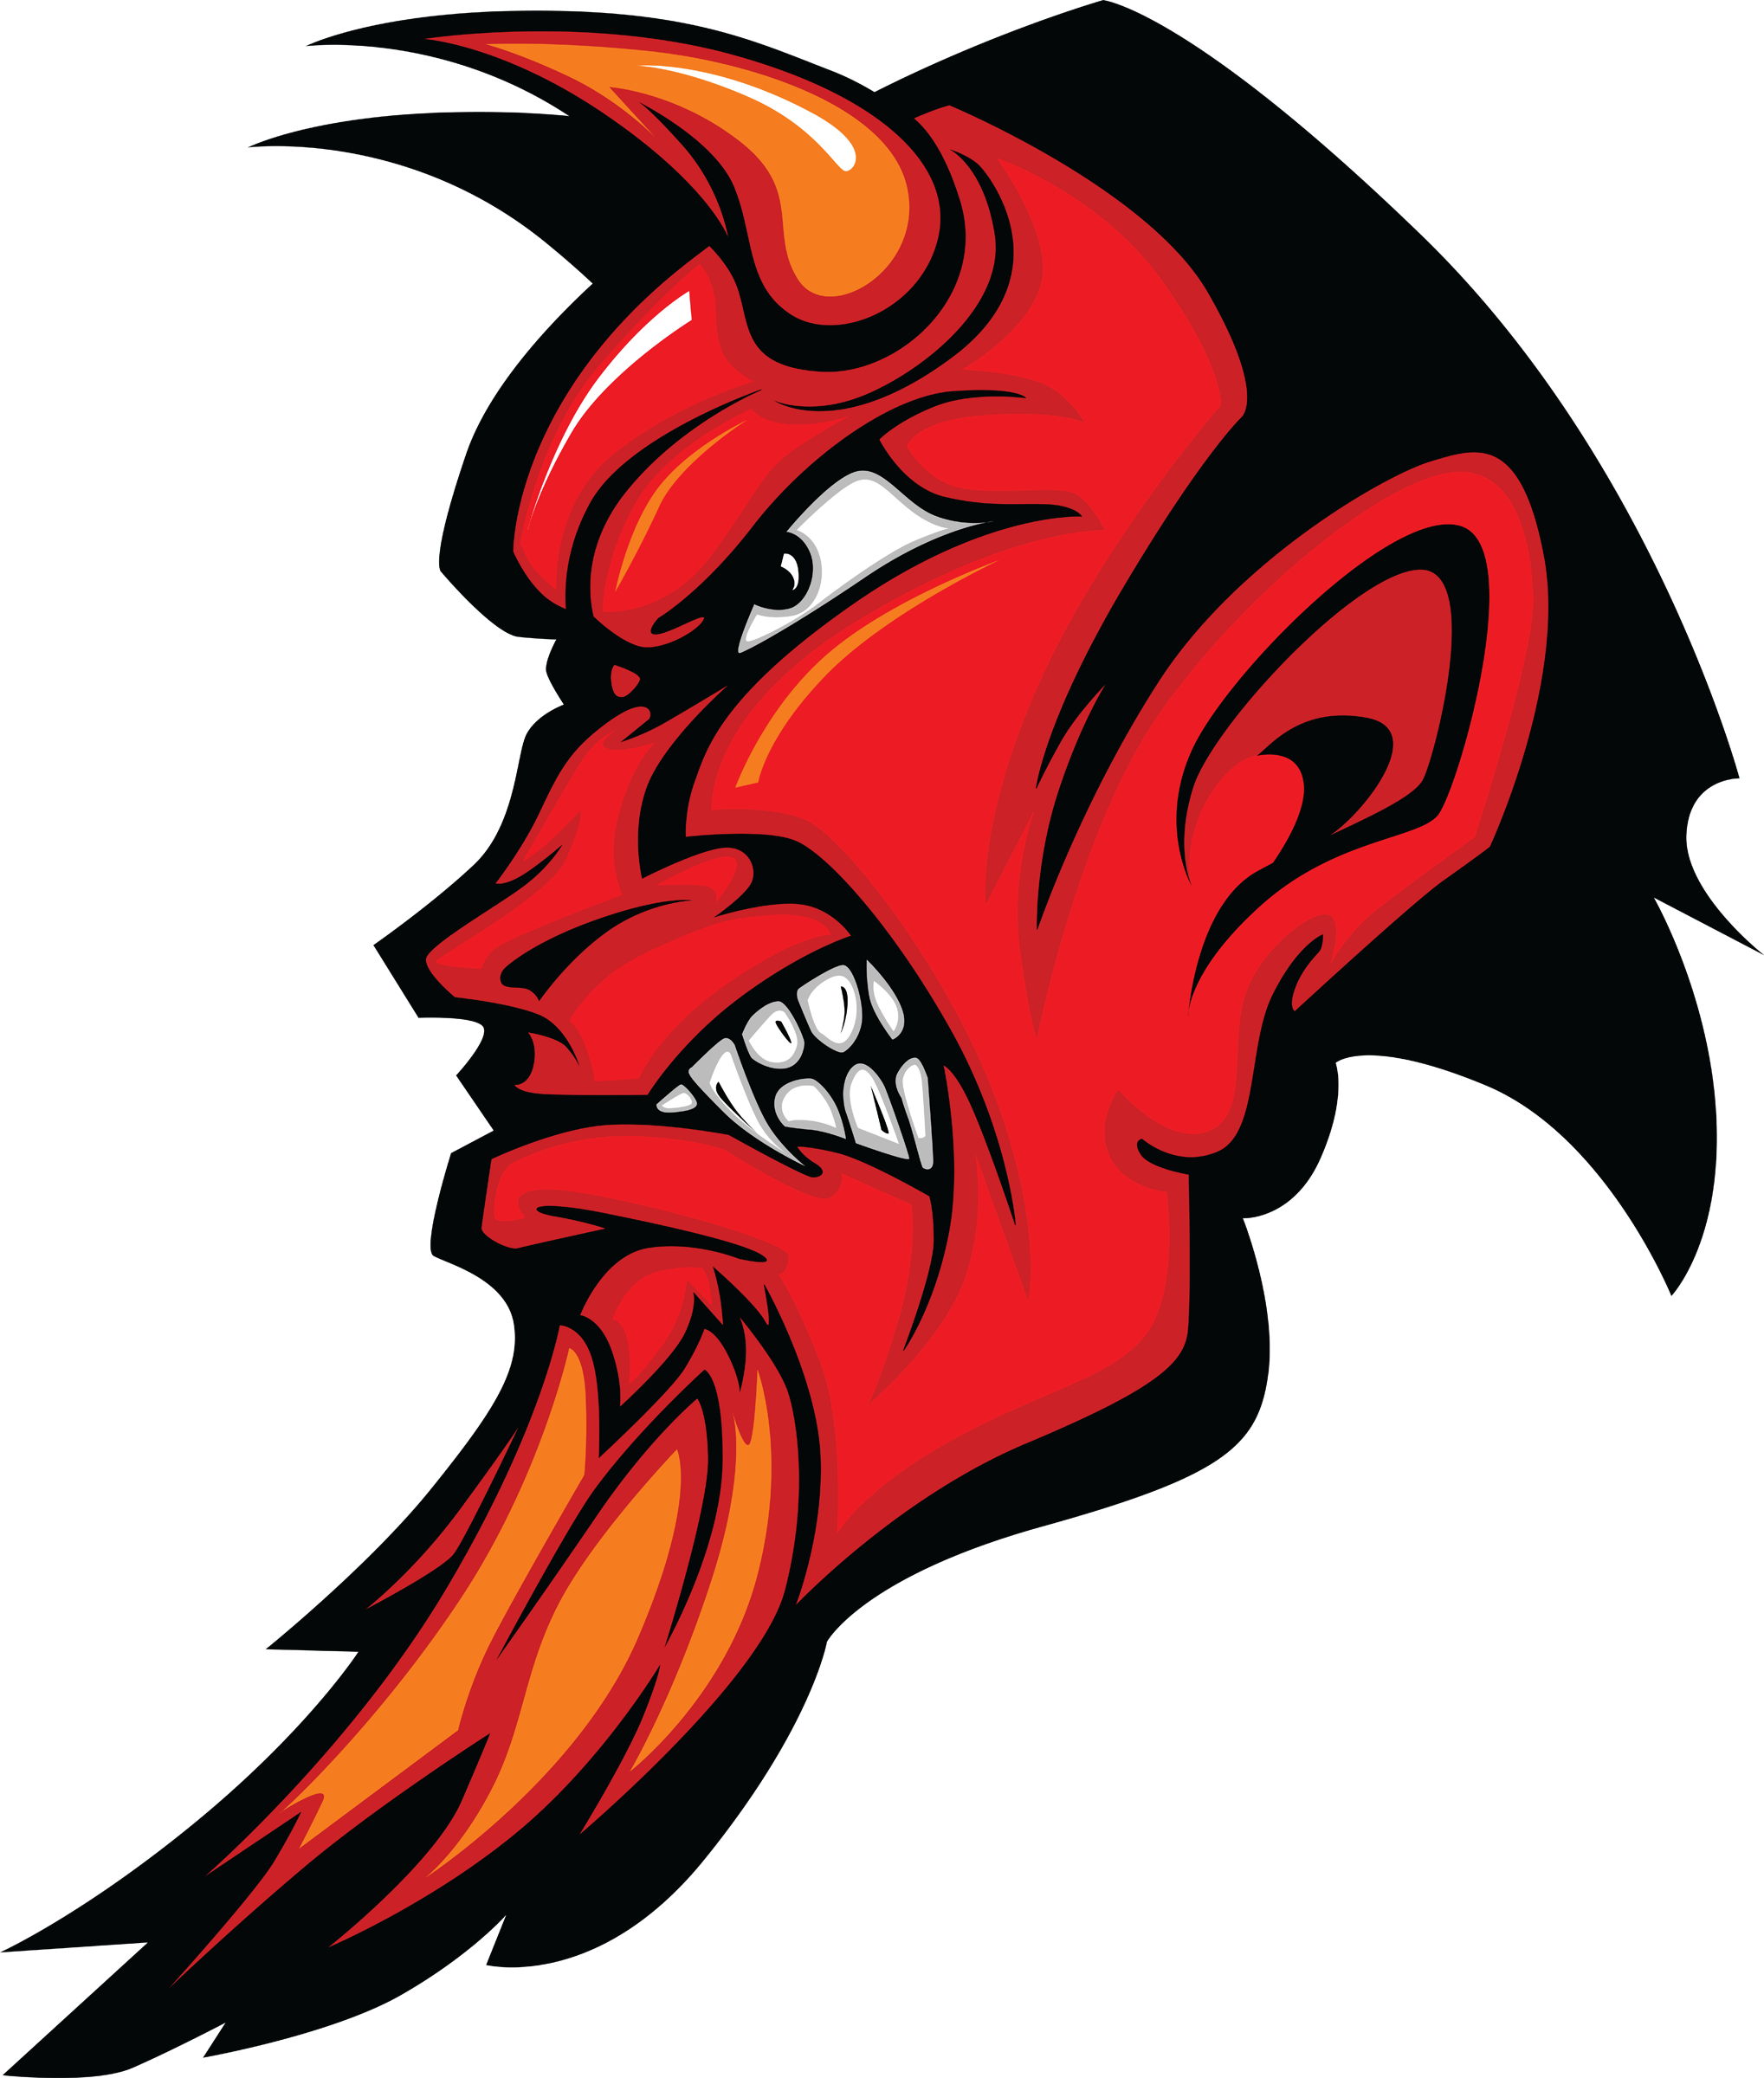 Devil PNG images Download